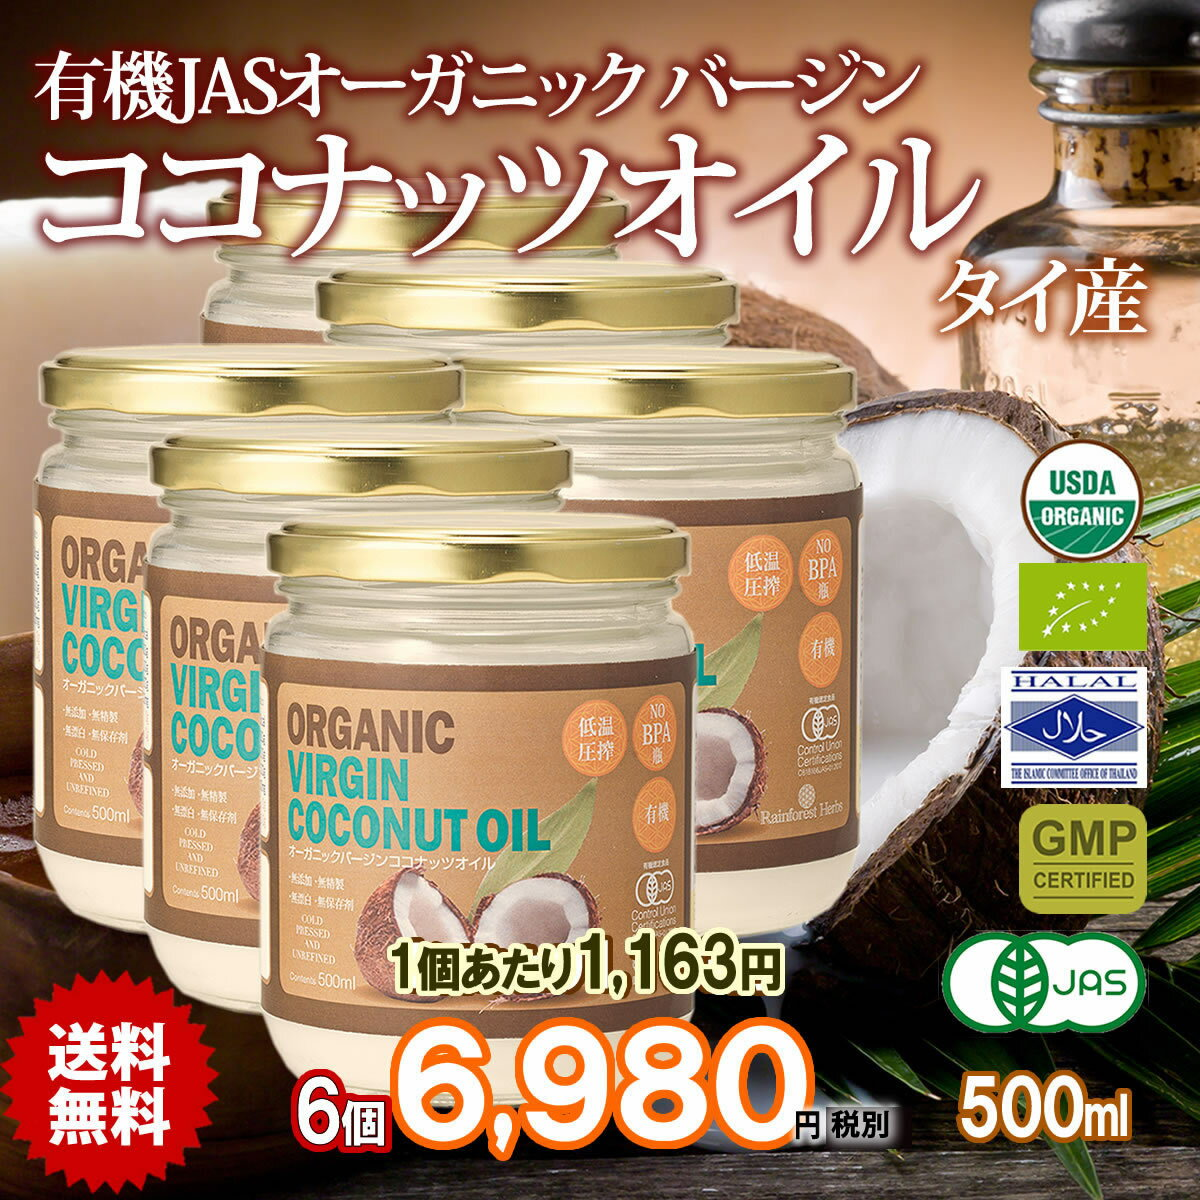 価格改定!値下げしました!有機JASオーガニックバージンココナッツオイル500ml 6個 タイ産 organic virgin coconut oil 冷温圧搾一番搾りやし油 送料無料